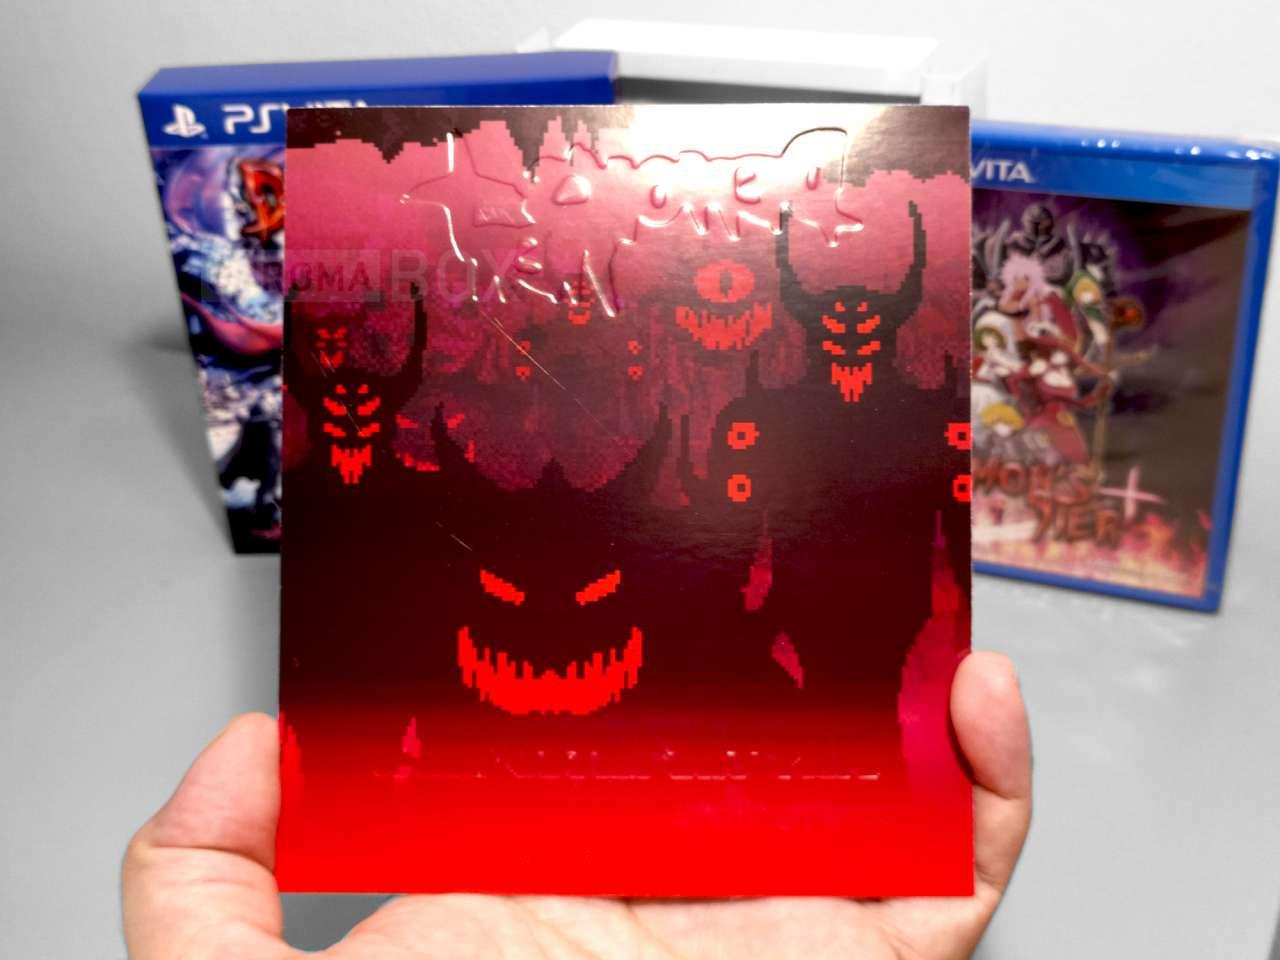 Demon's tier plus PS Vita